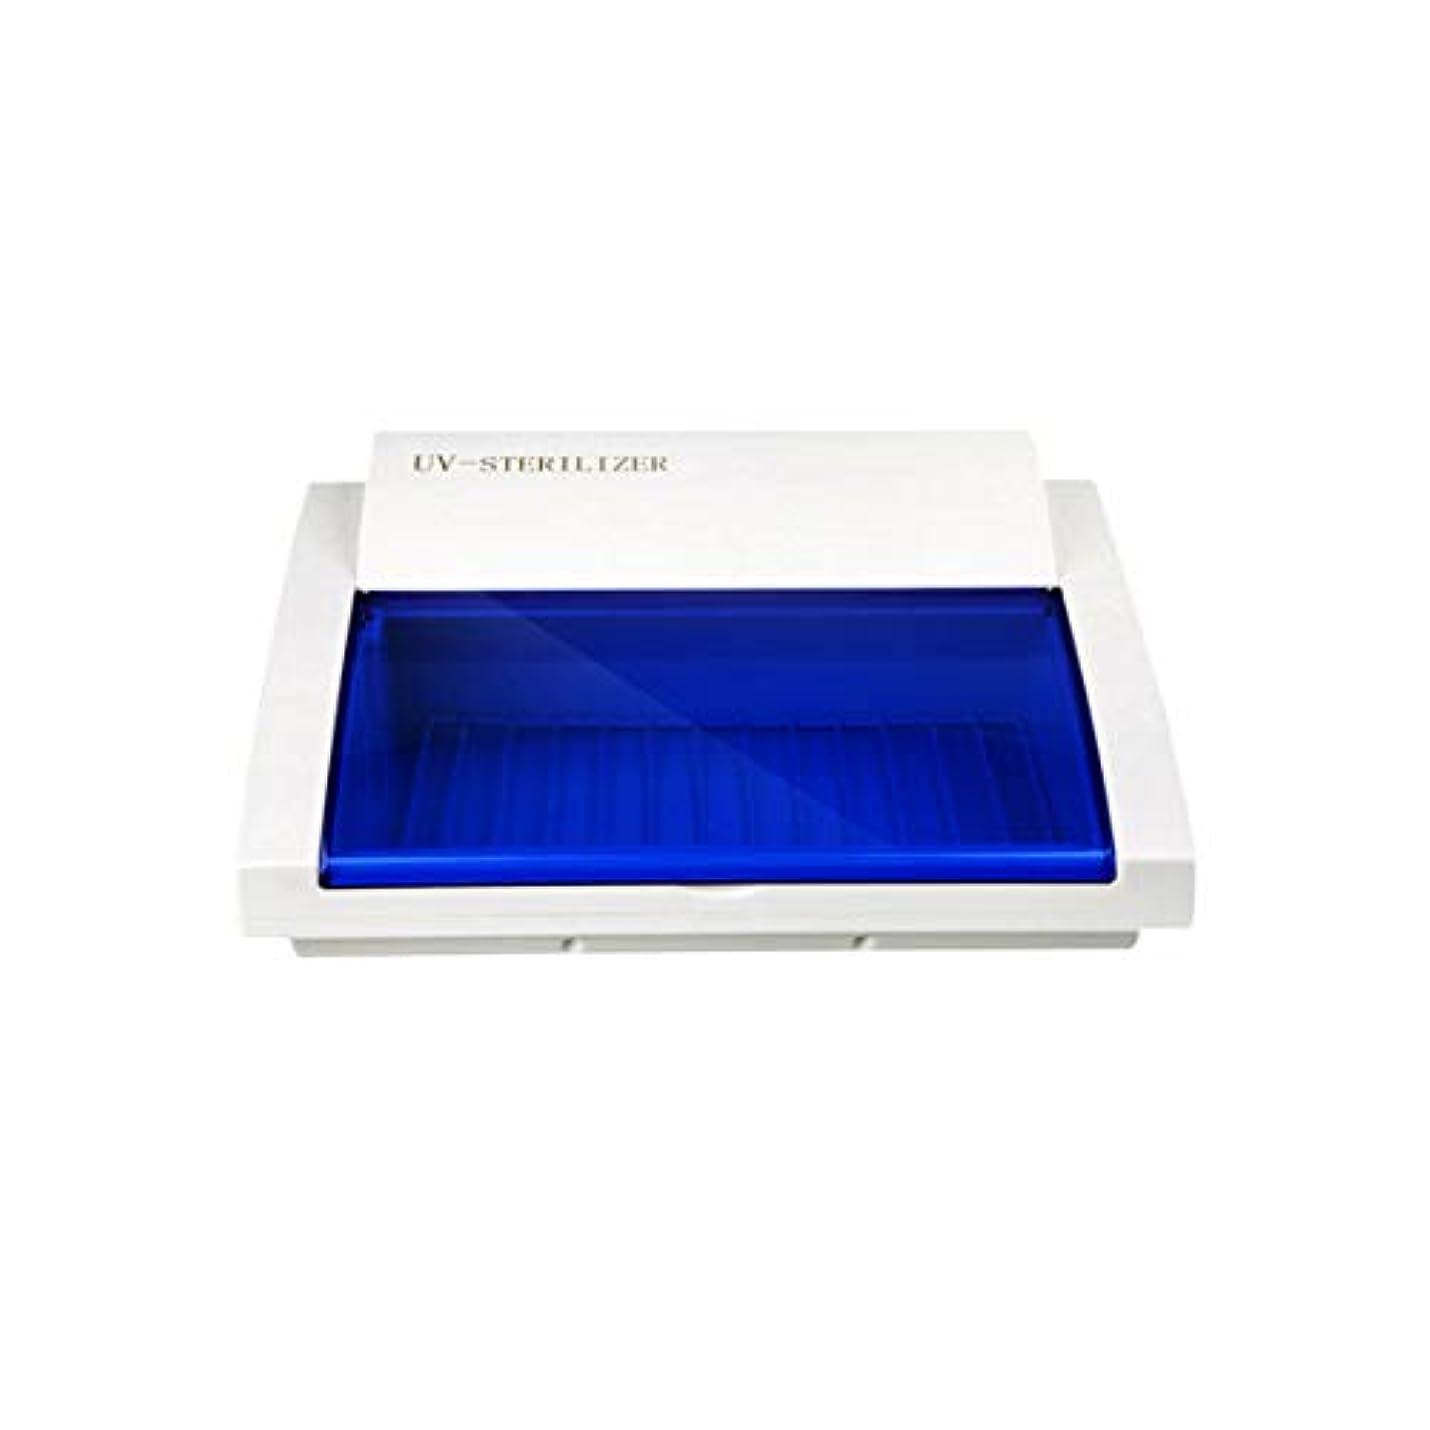 IntercoreyポータブルサイズUV滅菌ネイルマニキュアツール消毒キャビネットボックス滅菌装置ハイテクオゾンUV保護